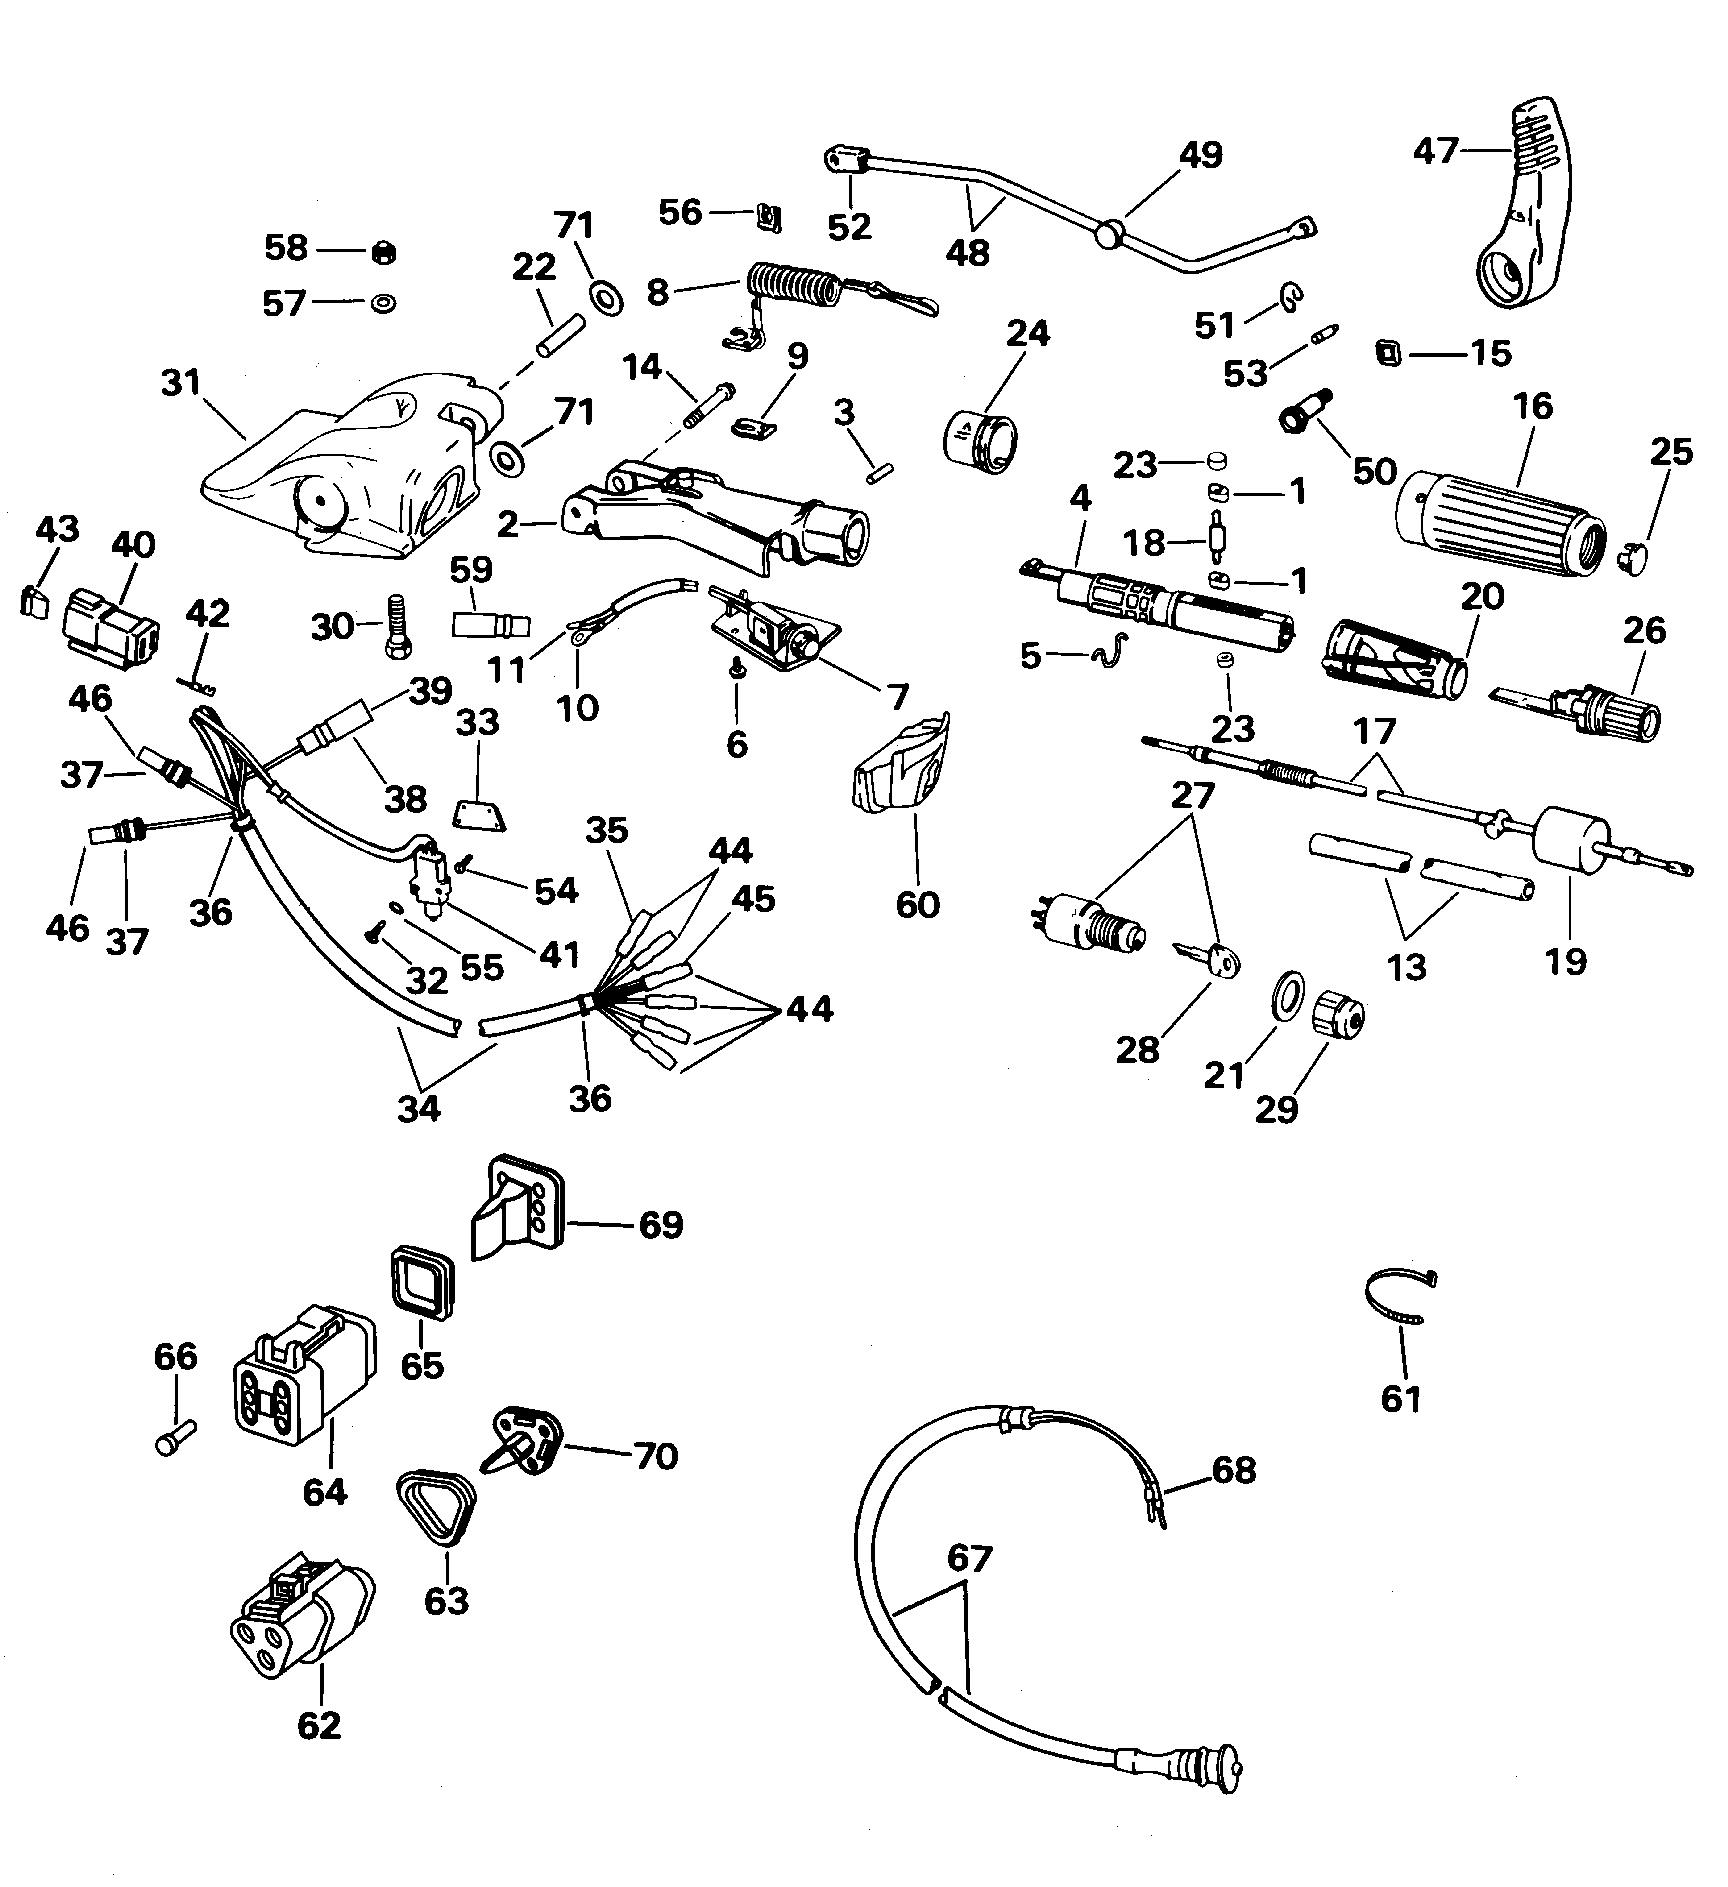 3g eclipse wiring diagram